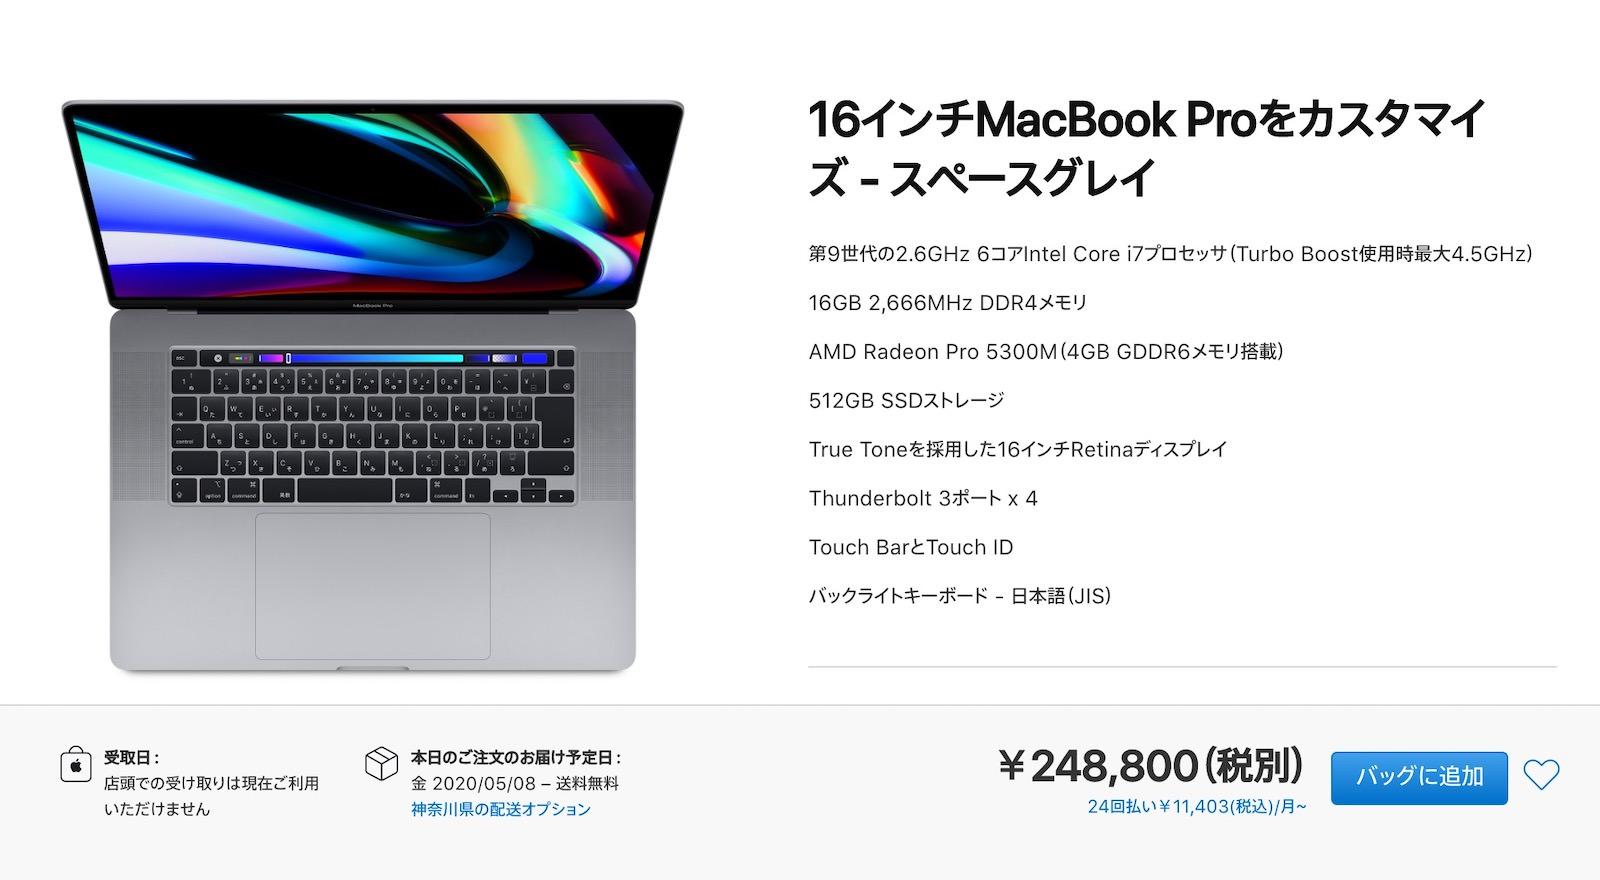 通常価格の16インチ型MacBook Pro